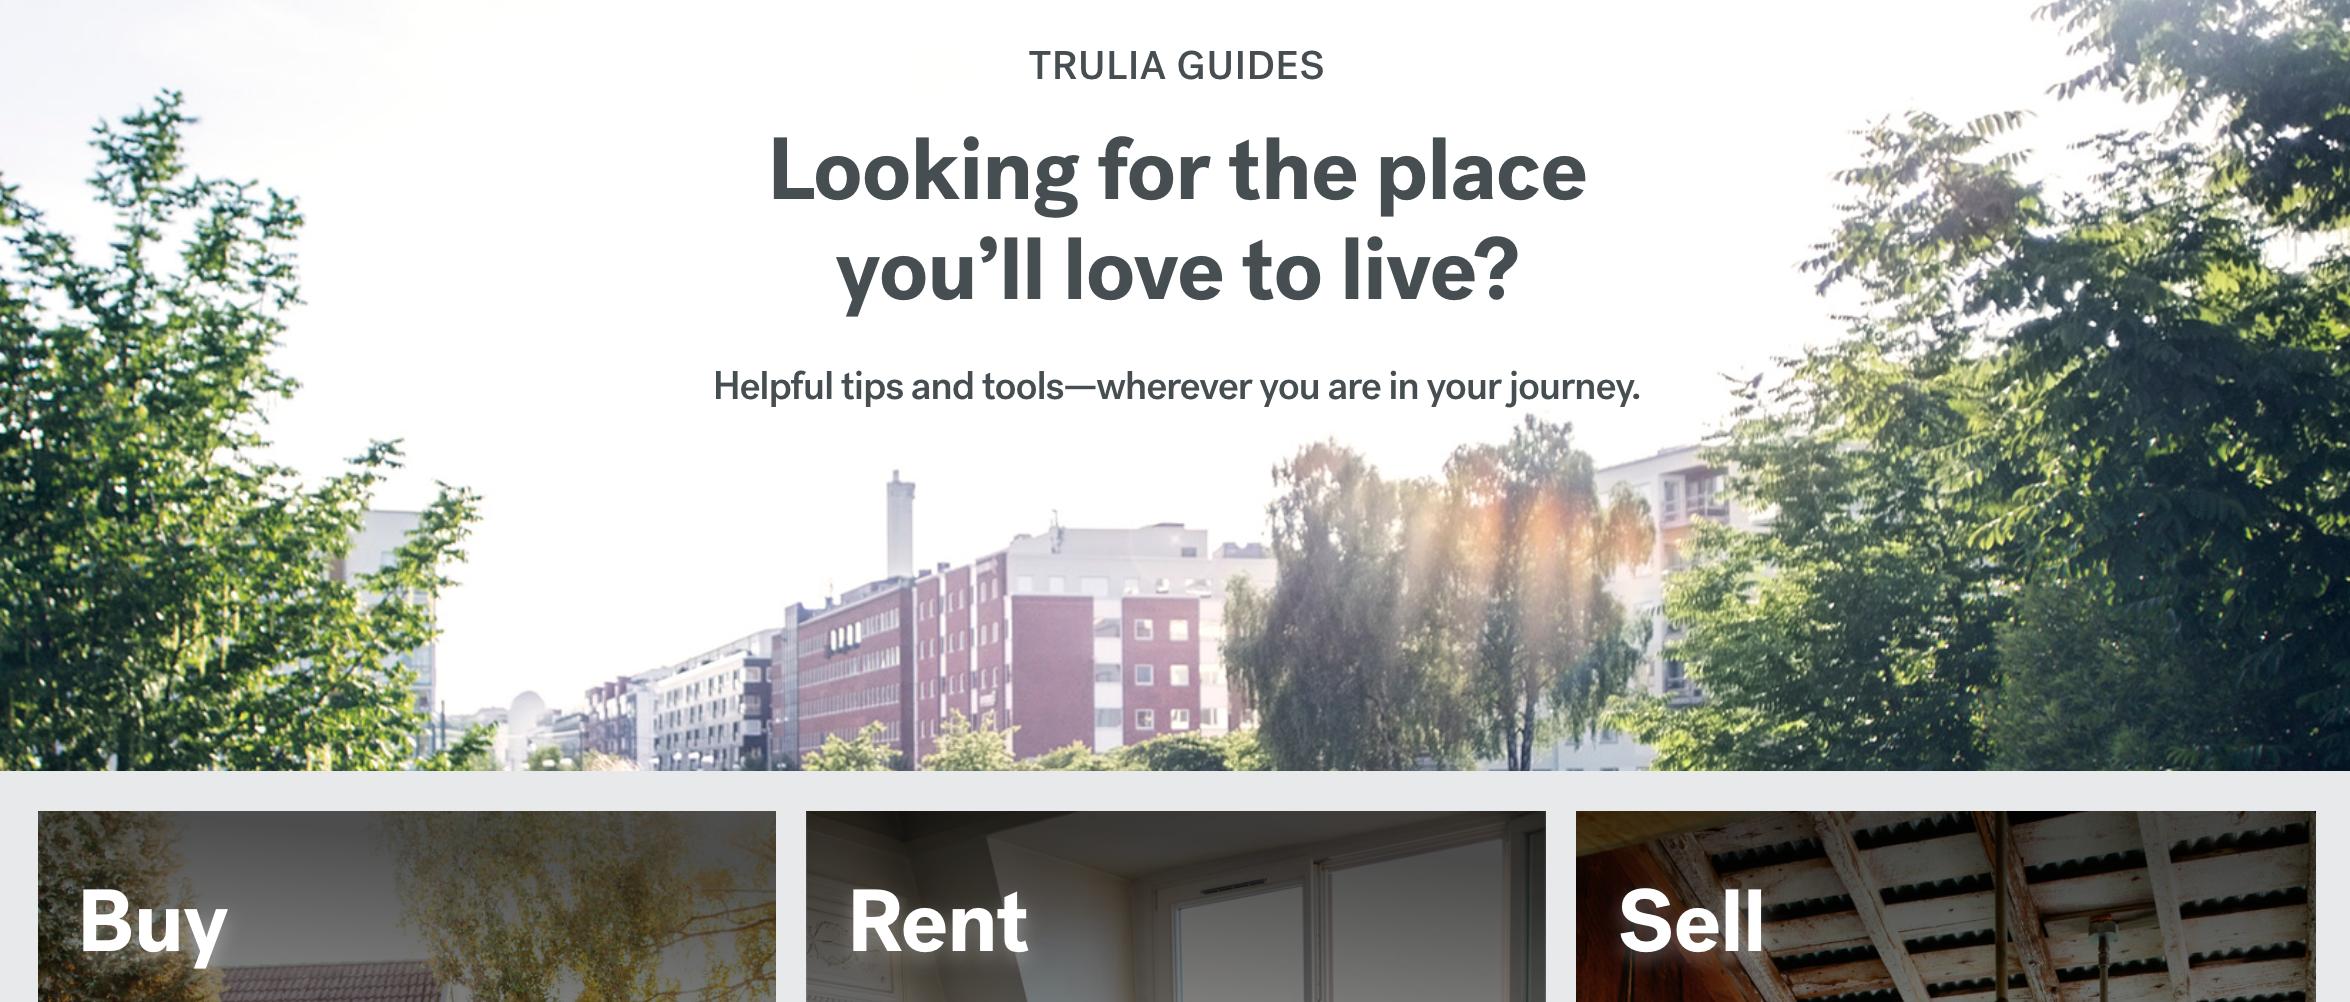 trulia-guides